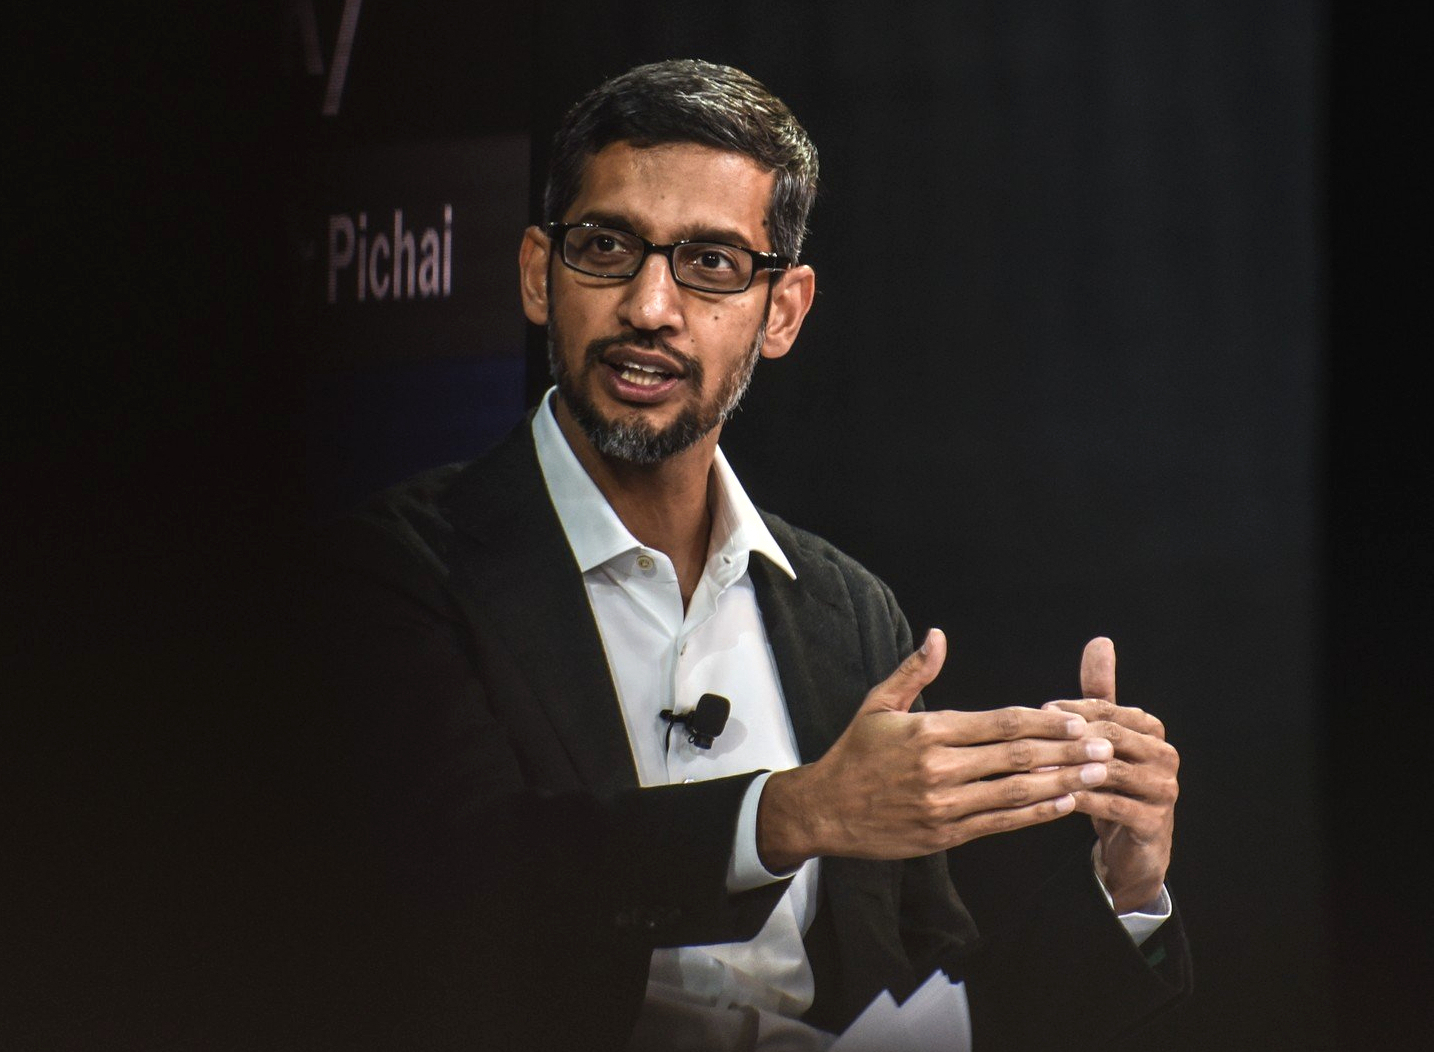 Technologie nevyřeší problémy lidstva, soudí nejvyšší šéf Googlu